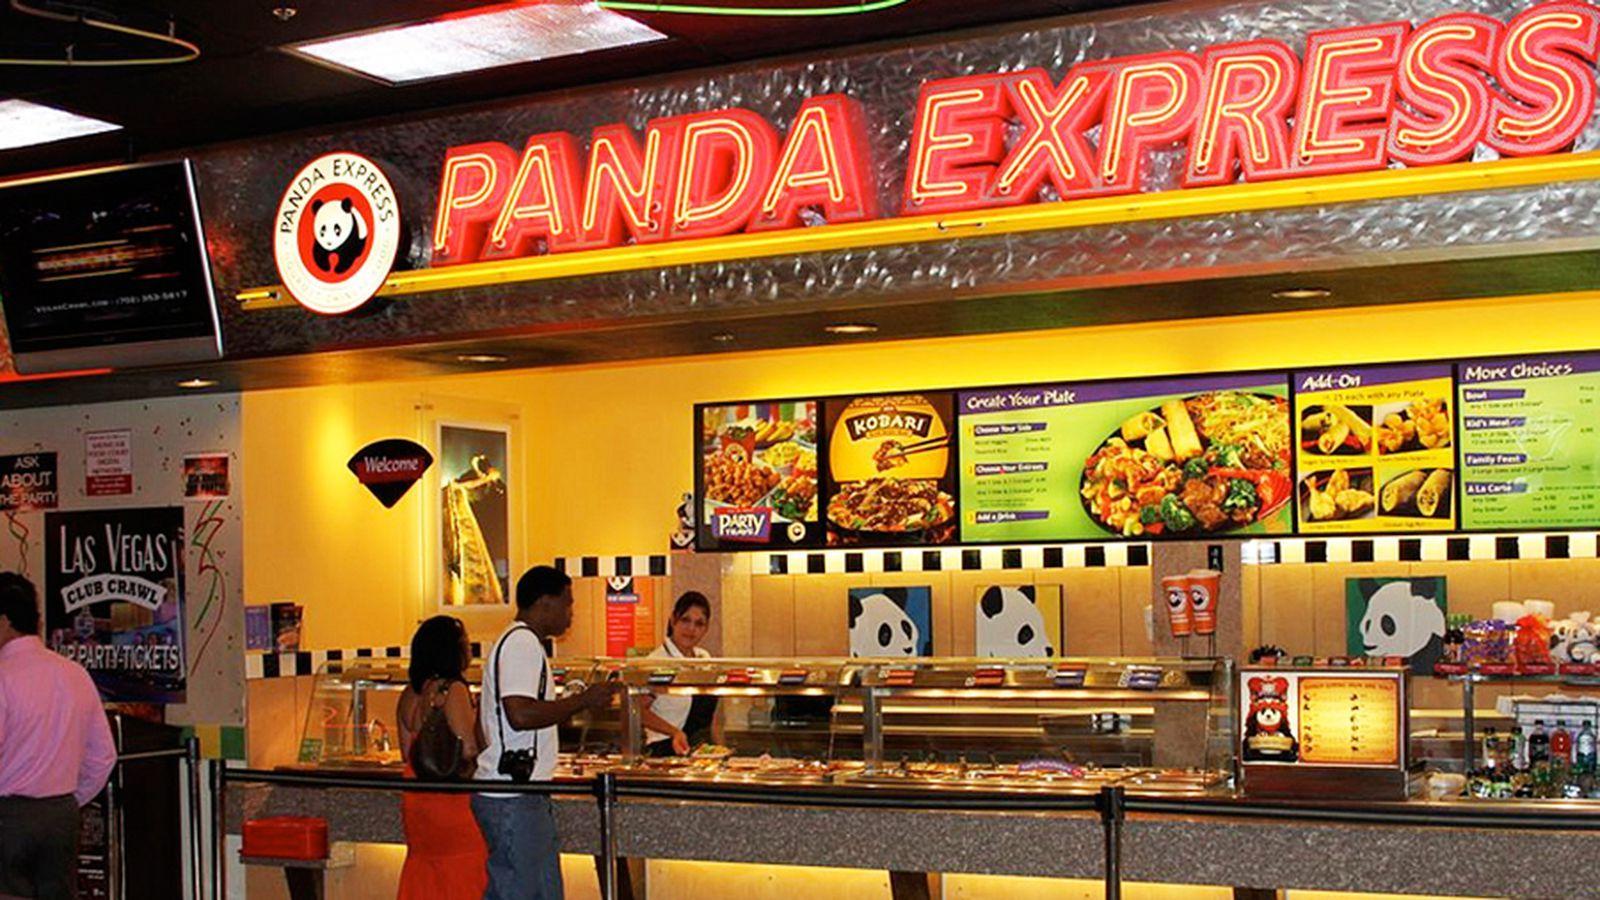 Panda экспресс прокатится по российскому общепиту